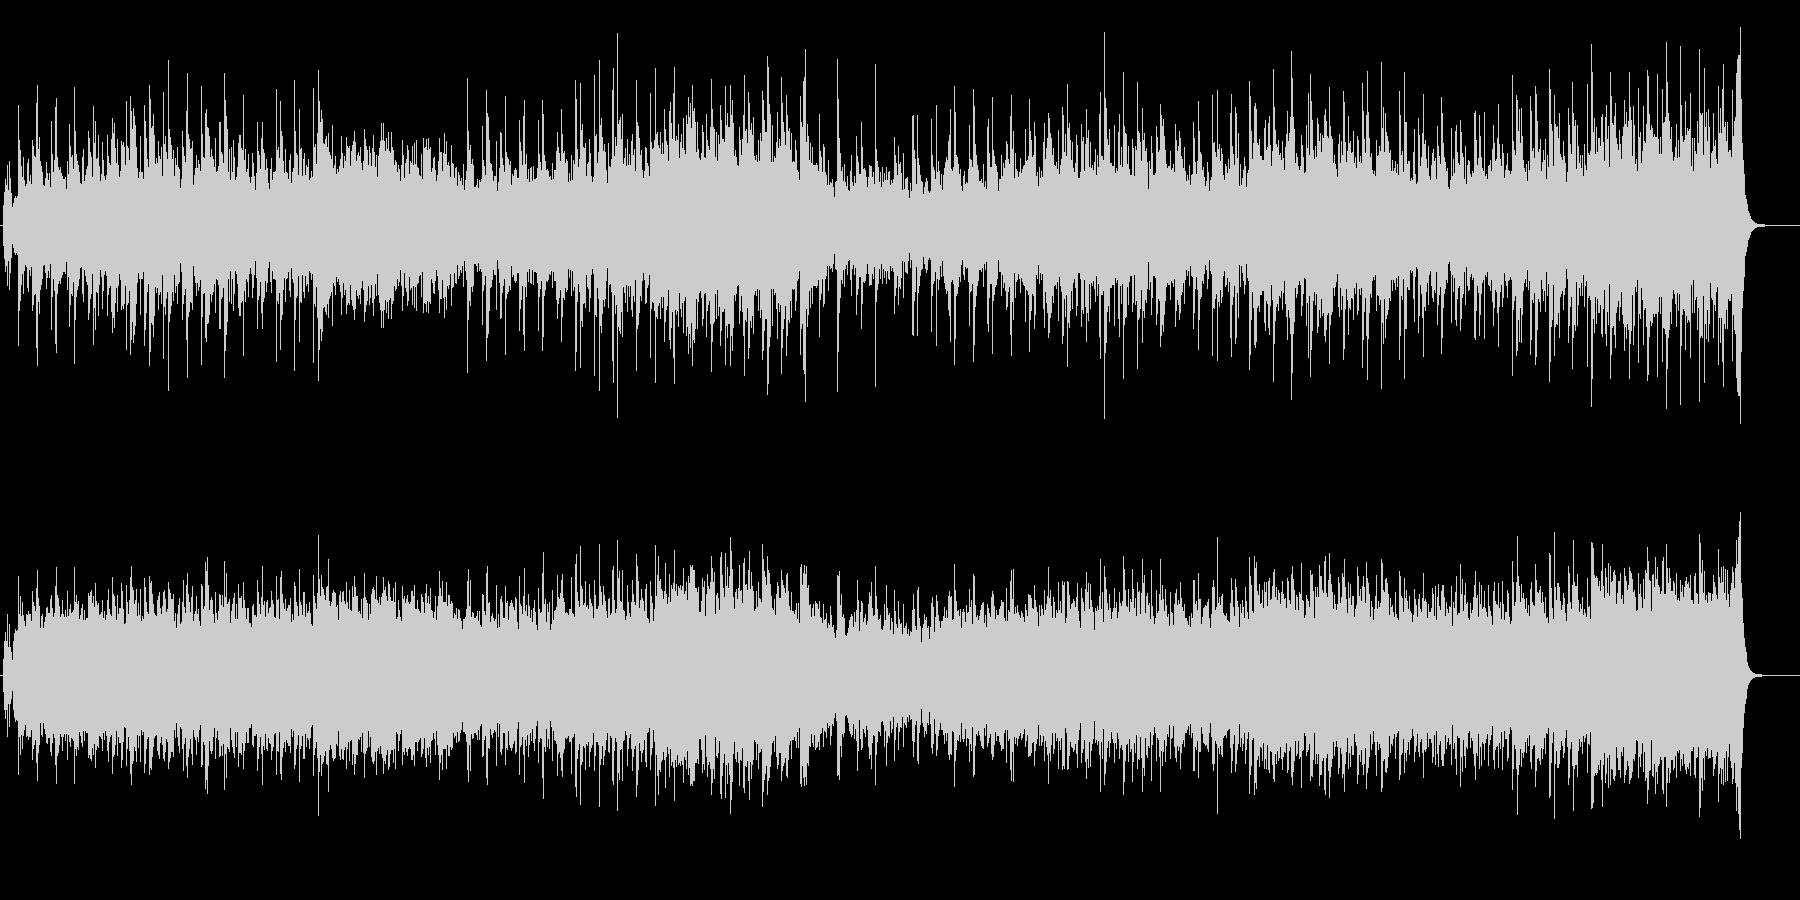 淡々としたワールド・ミュージック風の未再生の波形